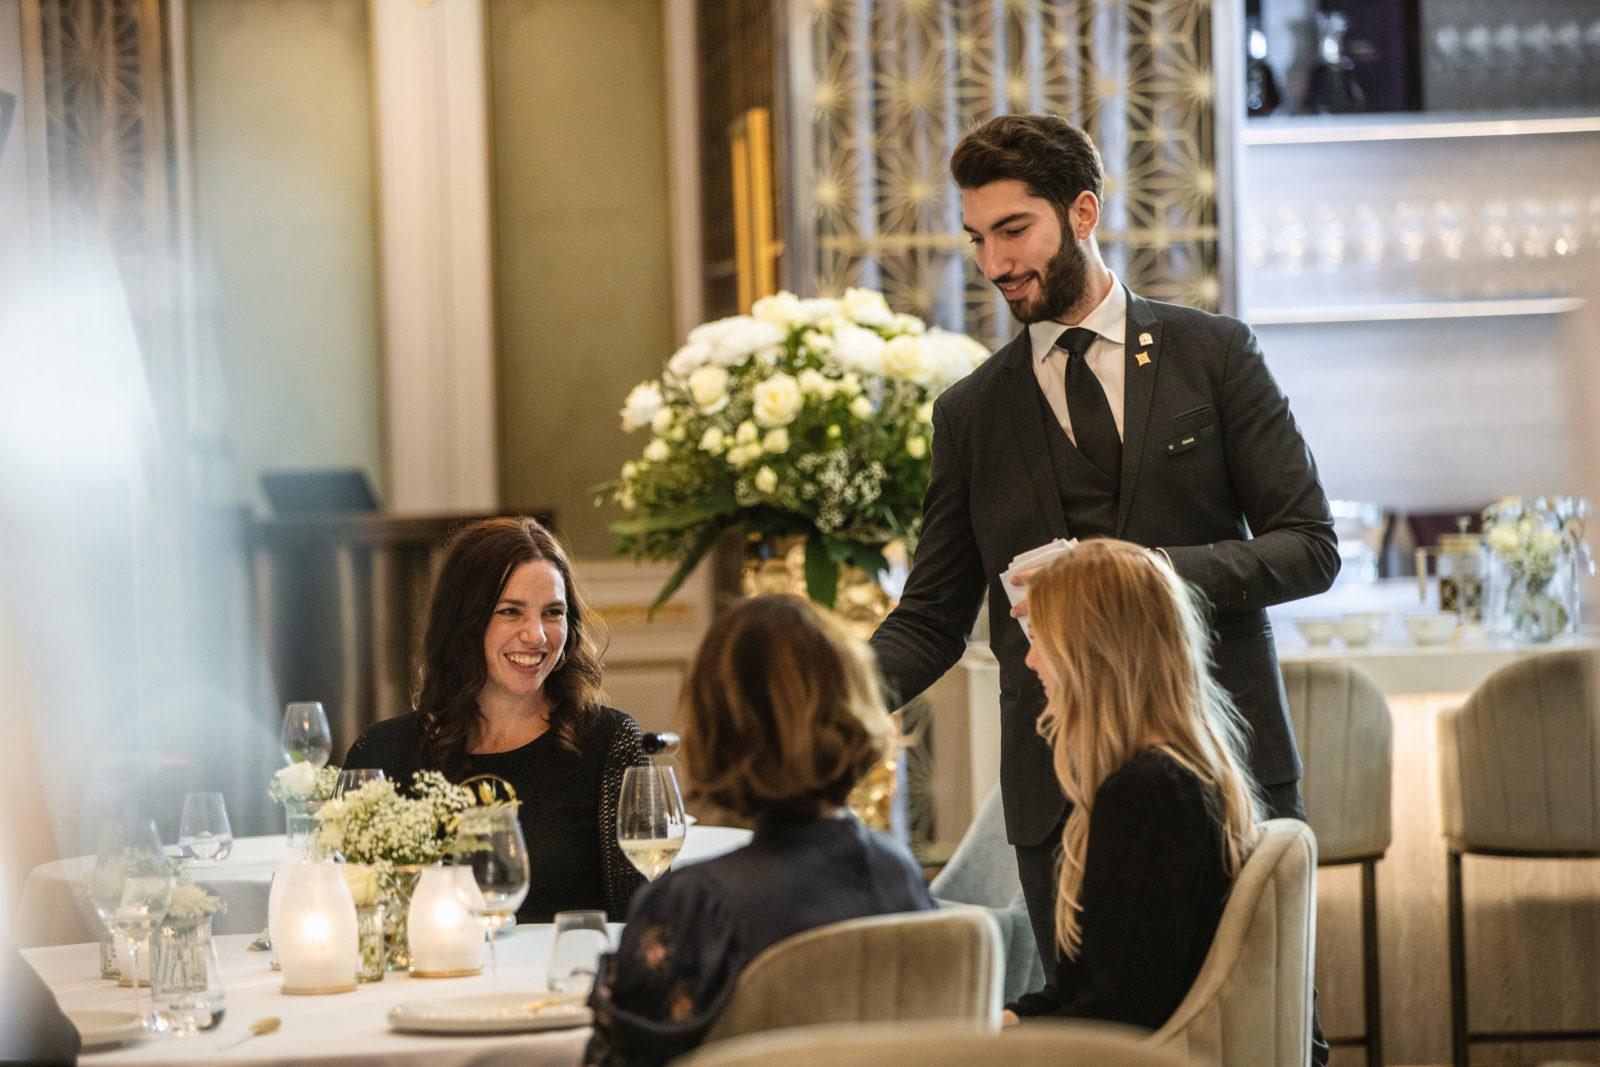 Servitør sjenker vin - Speilsalen restaurant